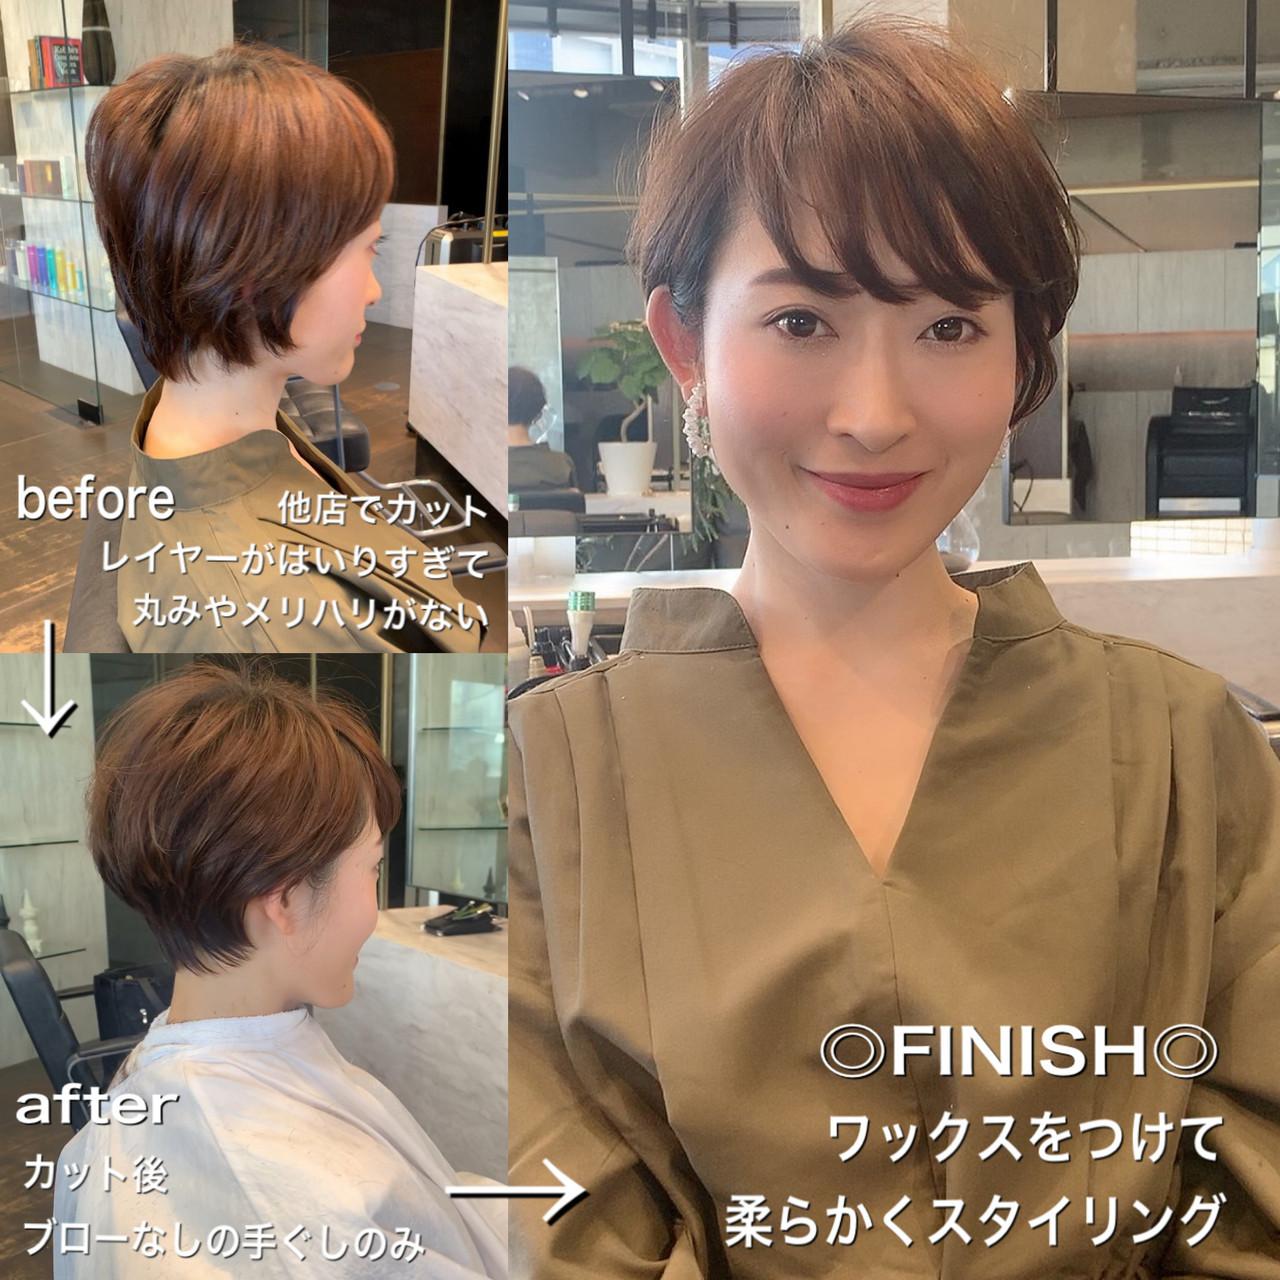 ショートヘア ショート ナチュラル 田丸麻紀 ヘアスタイルや髪型の写真・画像